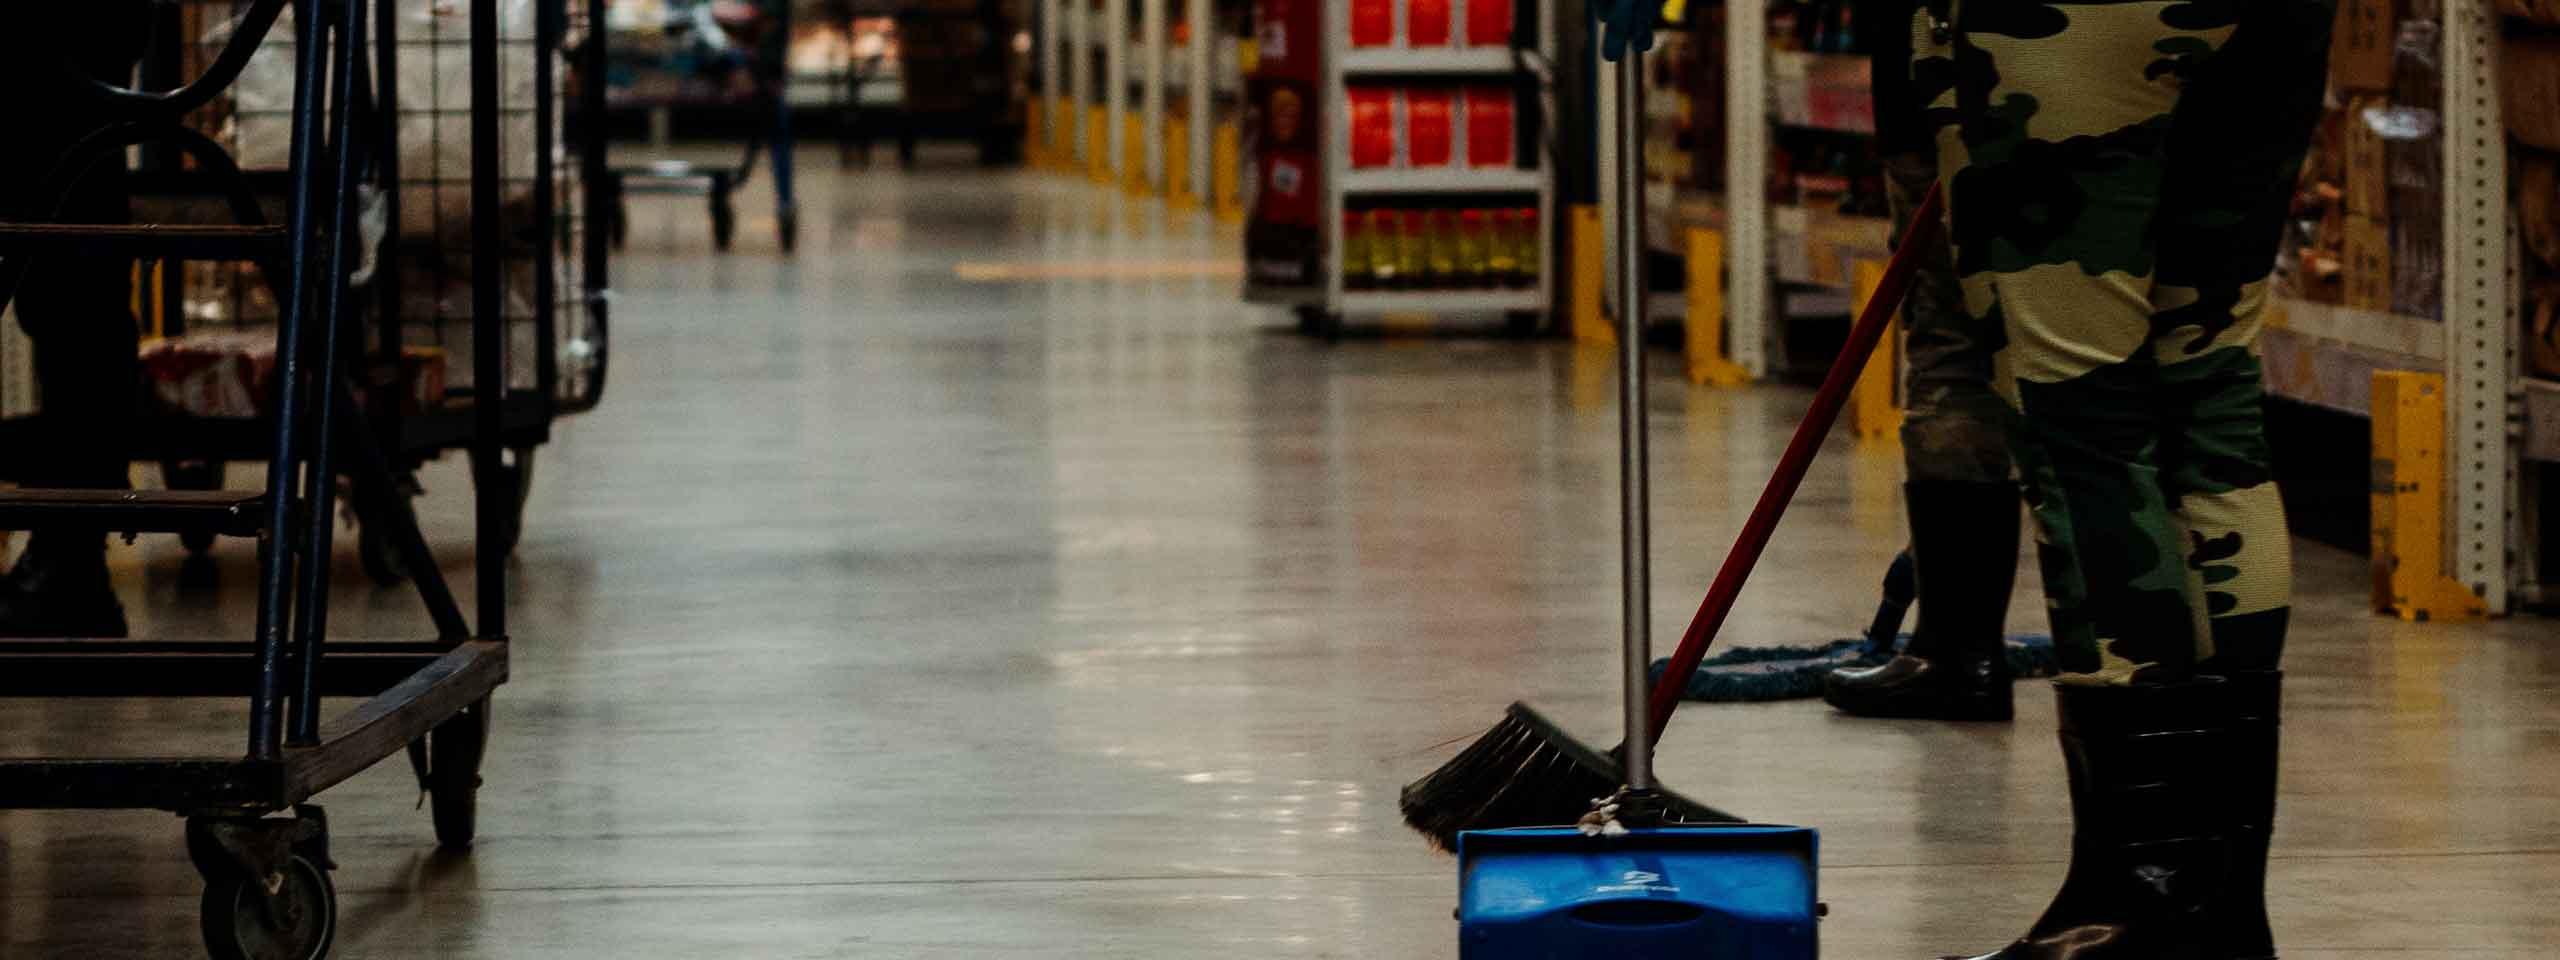 vimar trasporti sgombero locali facchinaggio pulizie